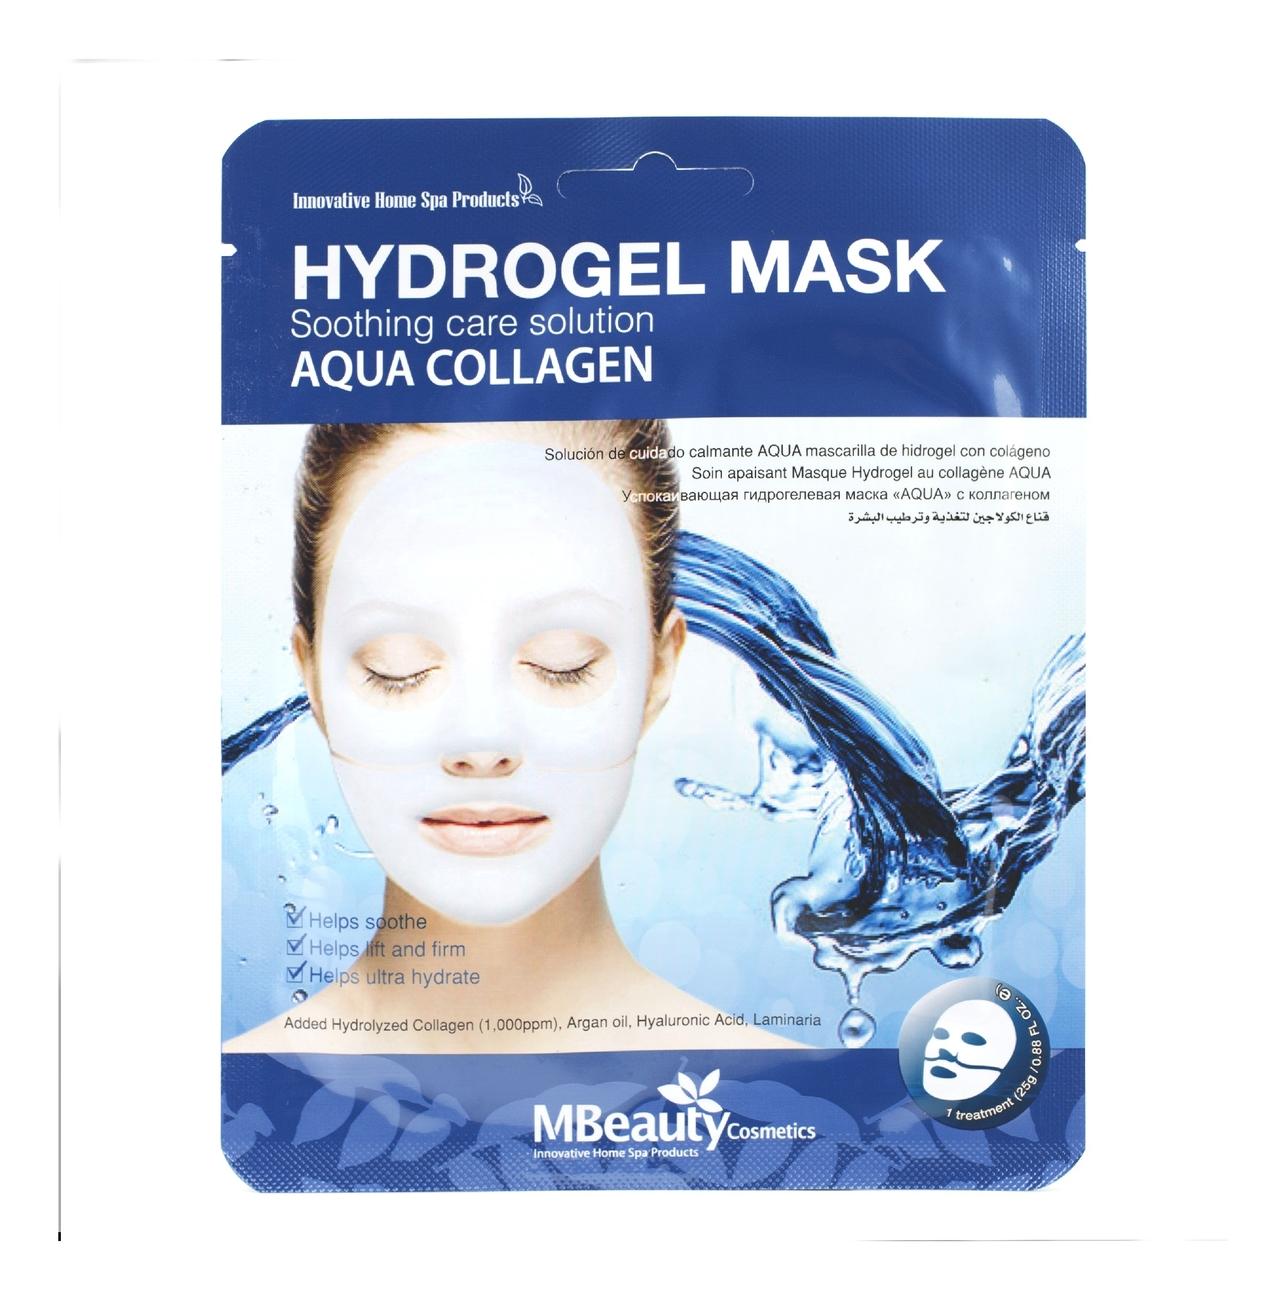 Успокаивающая увлажняющая гидрогелевая маска для лица с коллагеном Aqua Collagen Hydrogel Mask 25г успокаивающая увлажняющая гидрогелевая маска для лица с коллагеном aqua collagen hydrogel mask 25г